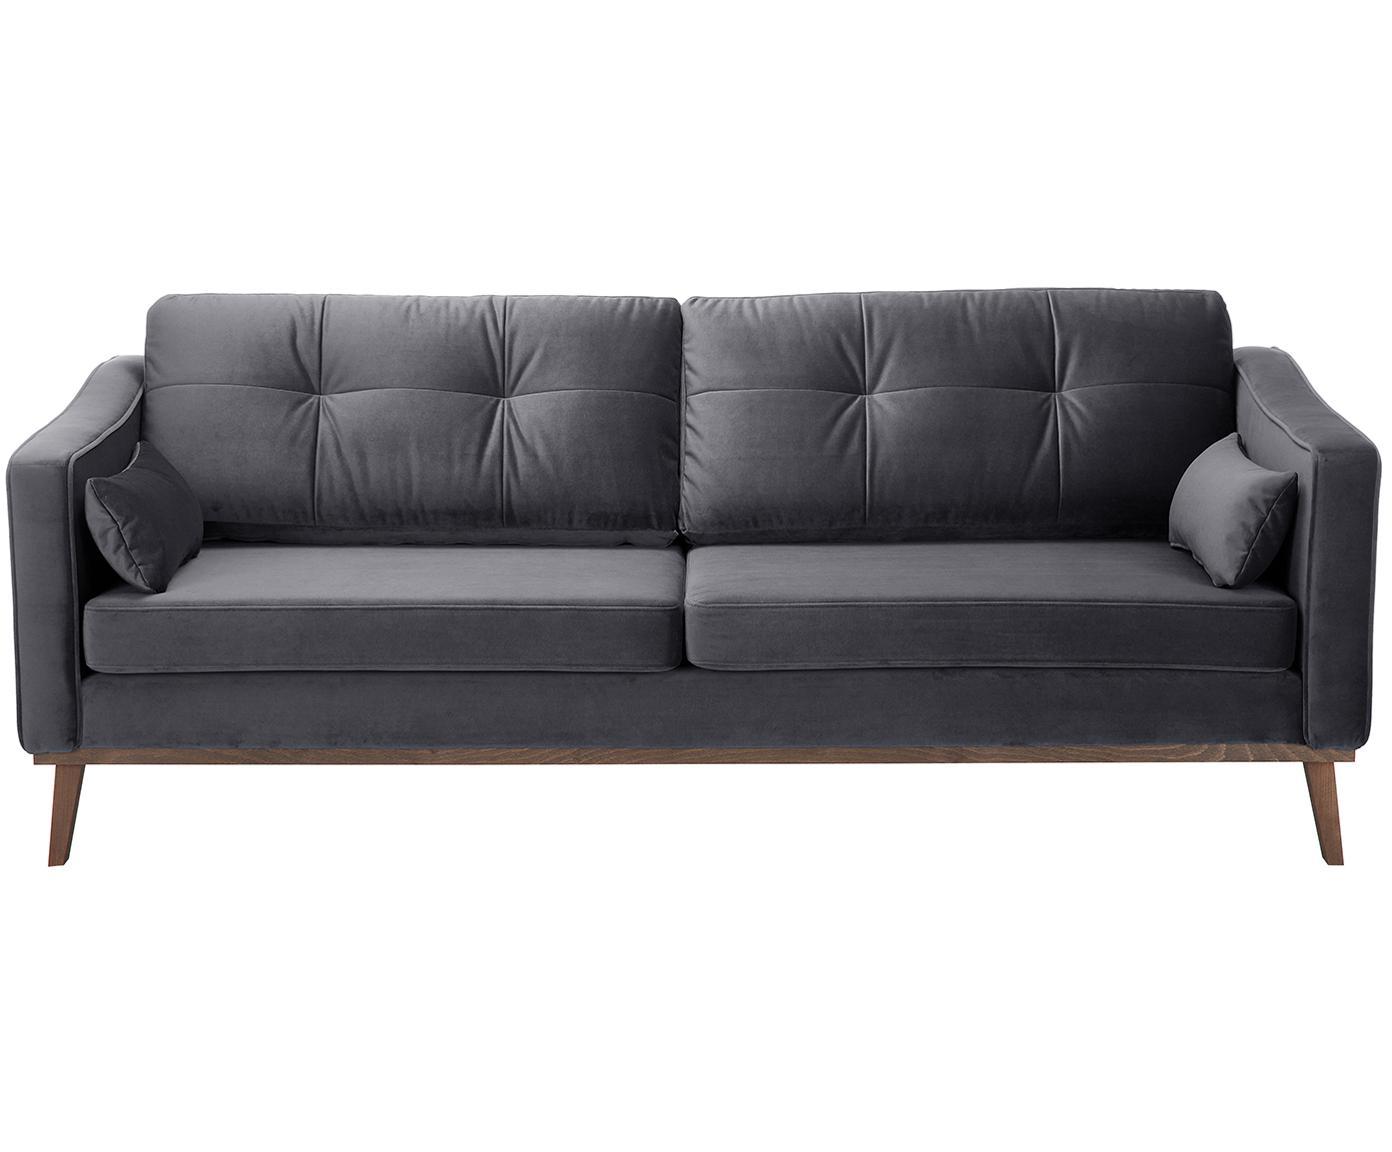 Sofa z aksamitu Alva (3-osobowa), Tapicerka: aksamit (wysokiej jakości, Stelaż: drewno sosnowe, Nogi: lite drewno bukowe, barwi, Aksamitny ciemny szary, S 215 x G 92 cm